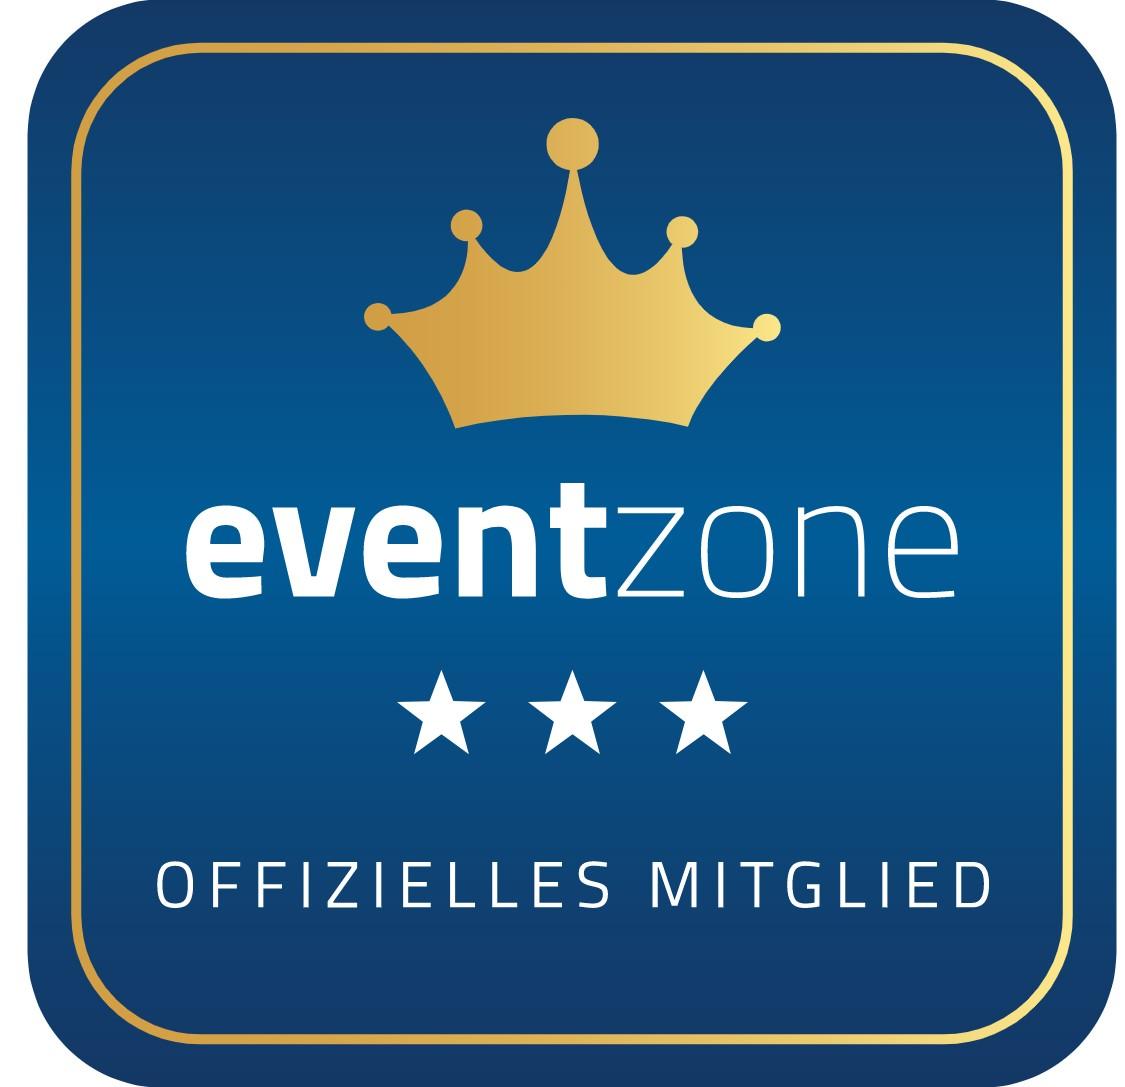 eventzone